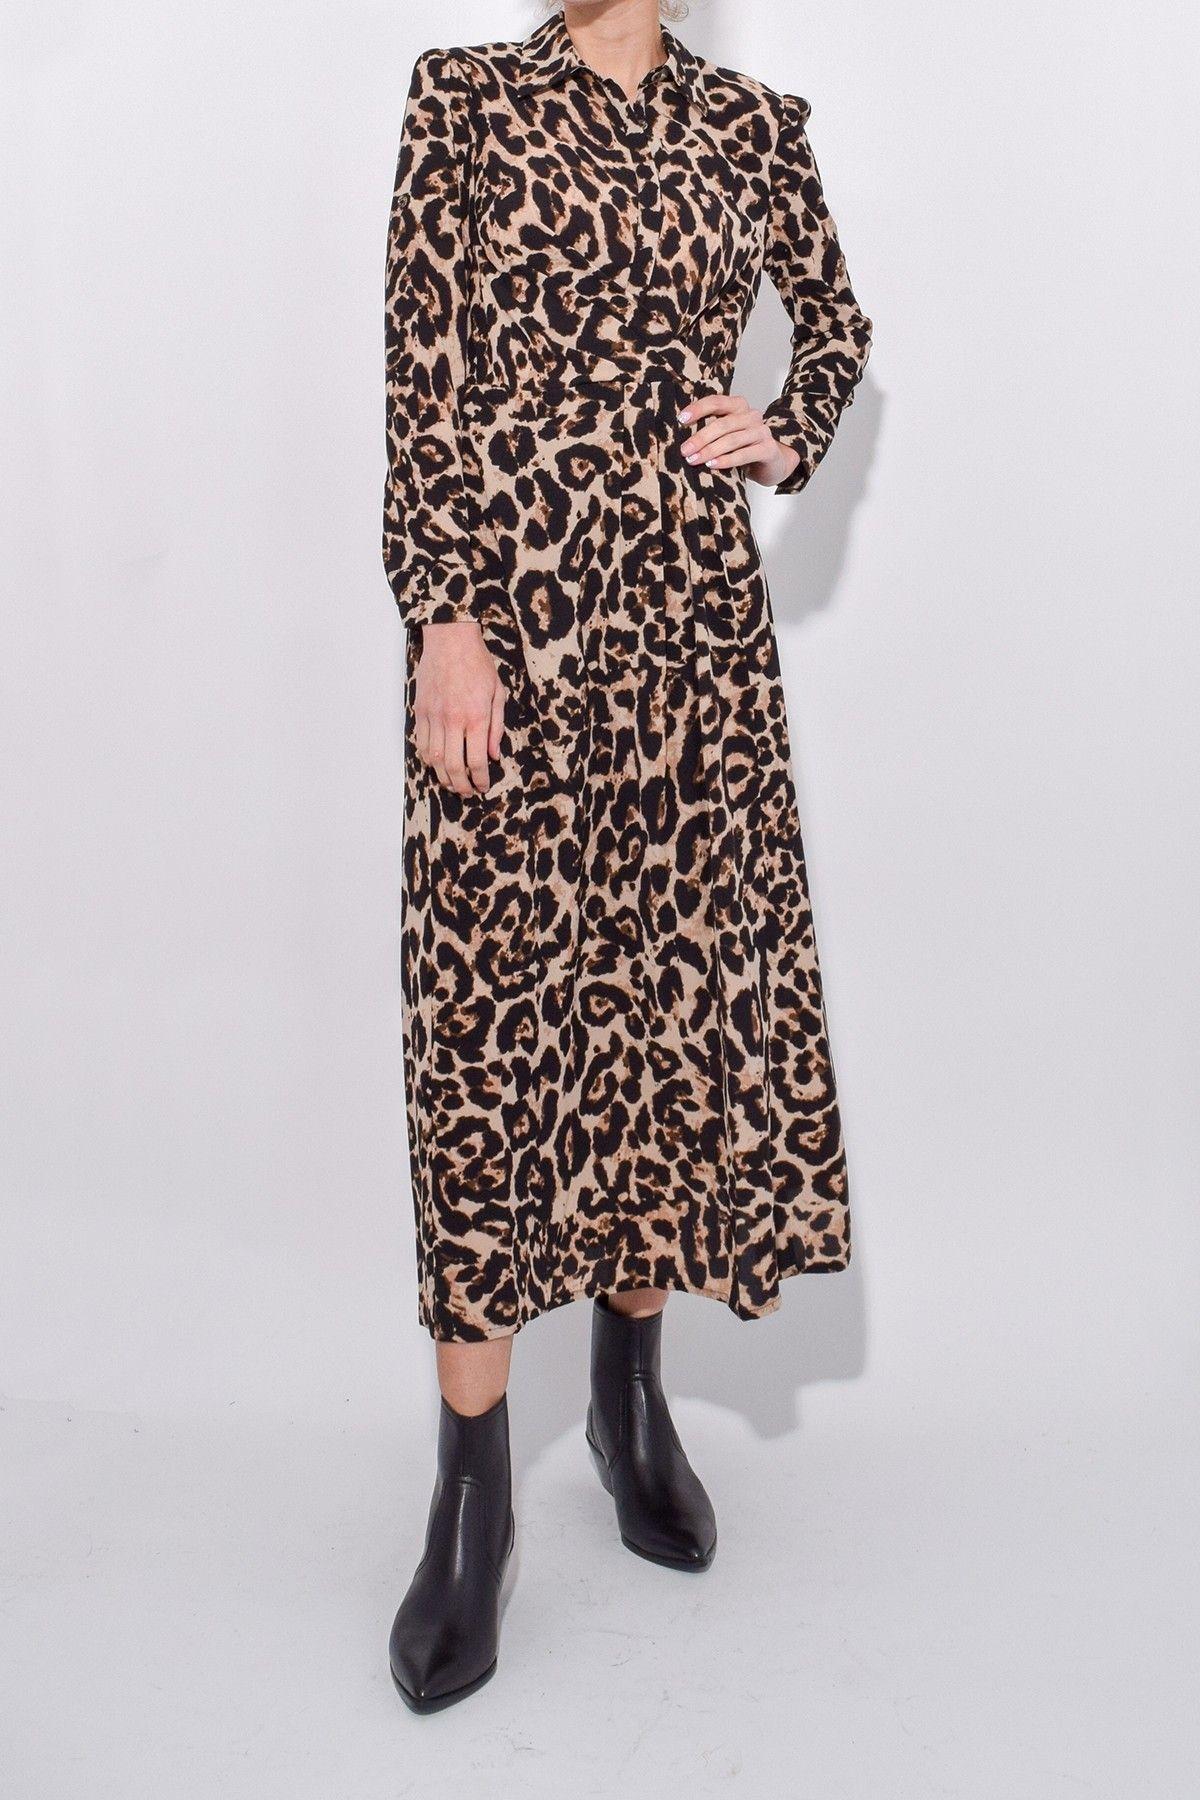 8adbbc4d30ed Baum Und Pferdgarten Alham Dress in Wild Leopard   Hampden Dresses ...